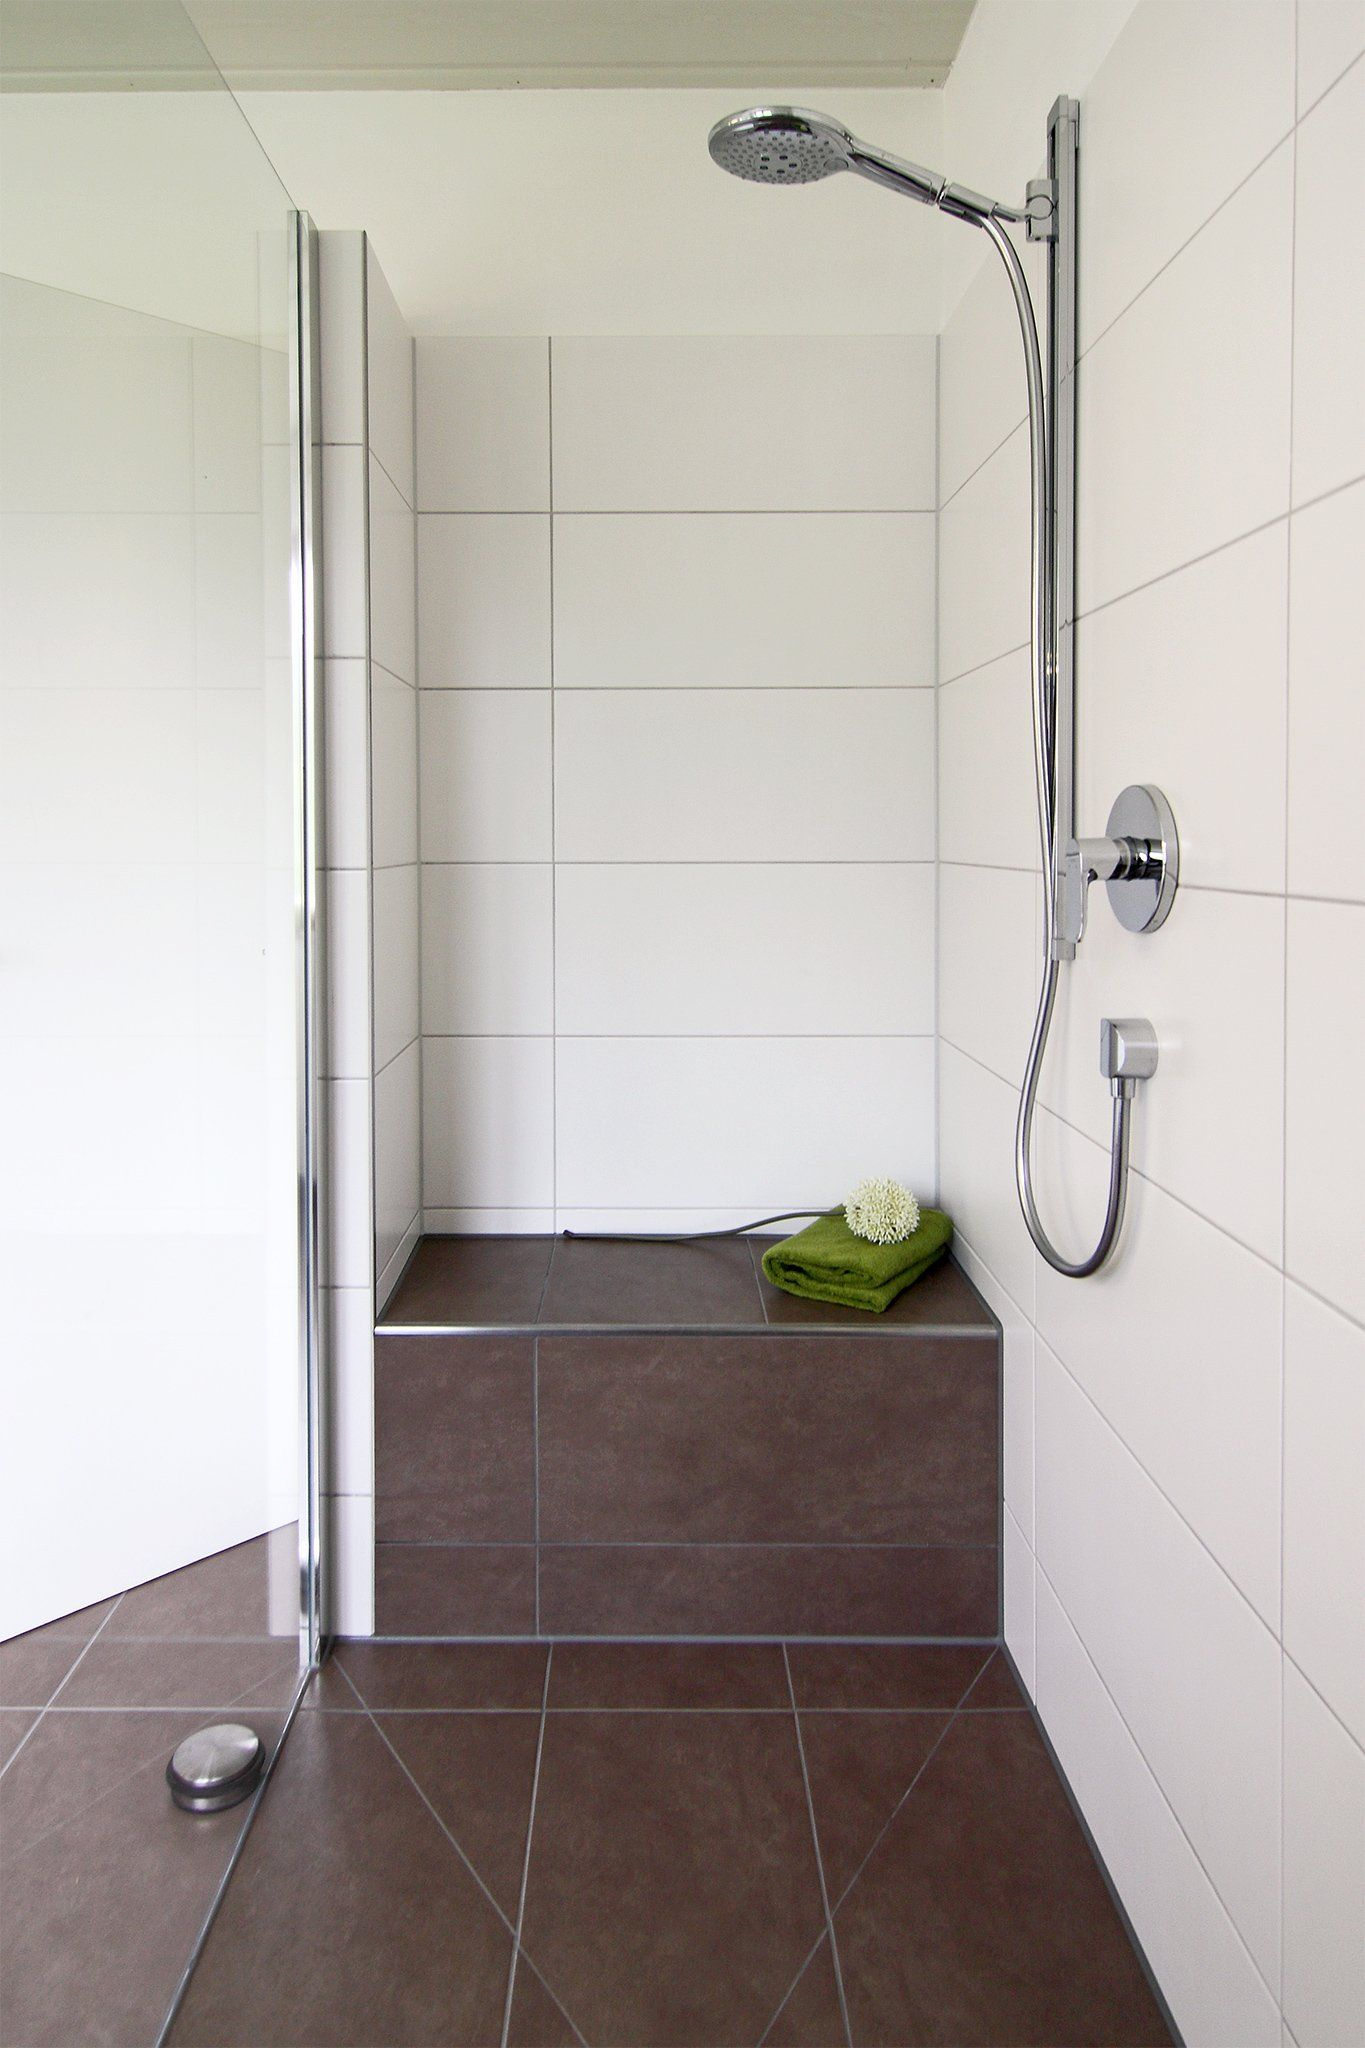 Walk In Dusche Mit Sitzbank Badezimmer Dusche Gemauert Walk In Duschen In Top Design 15 Beispiele Die Bee In 2020 Walk In Dusche Duschsitz Badezimmer Dusche Fliesen